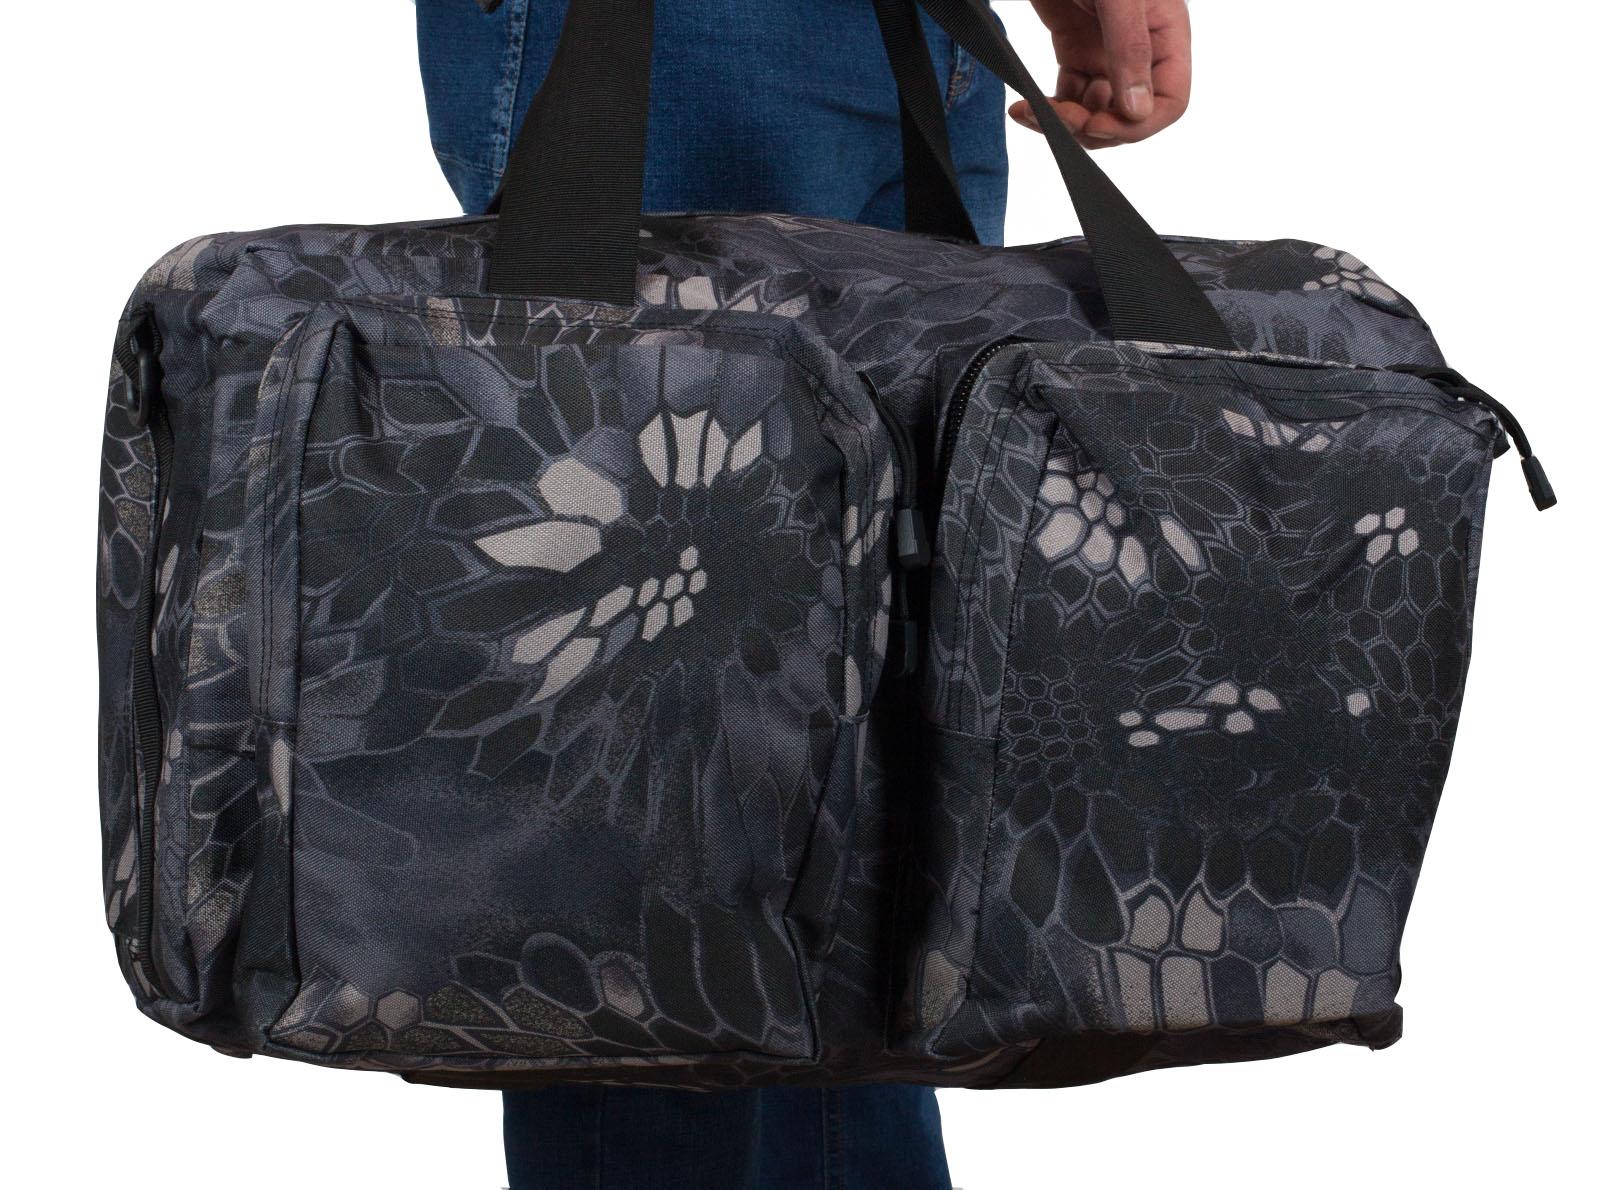 Мужская дорожная сумка-рюкзак Ни пуха, Ни пера - заказать выгодно